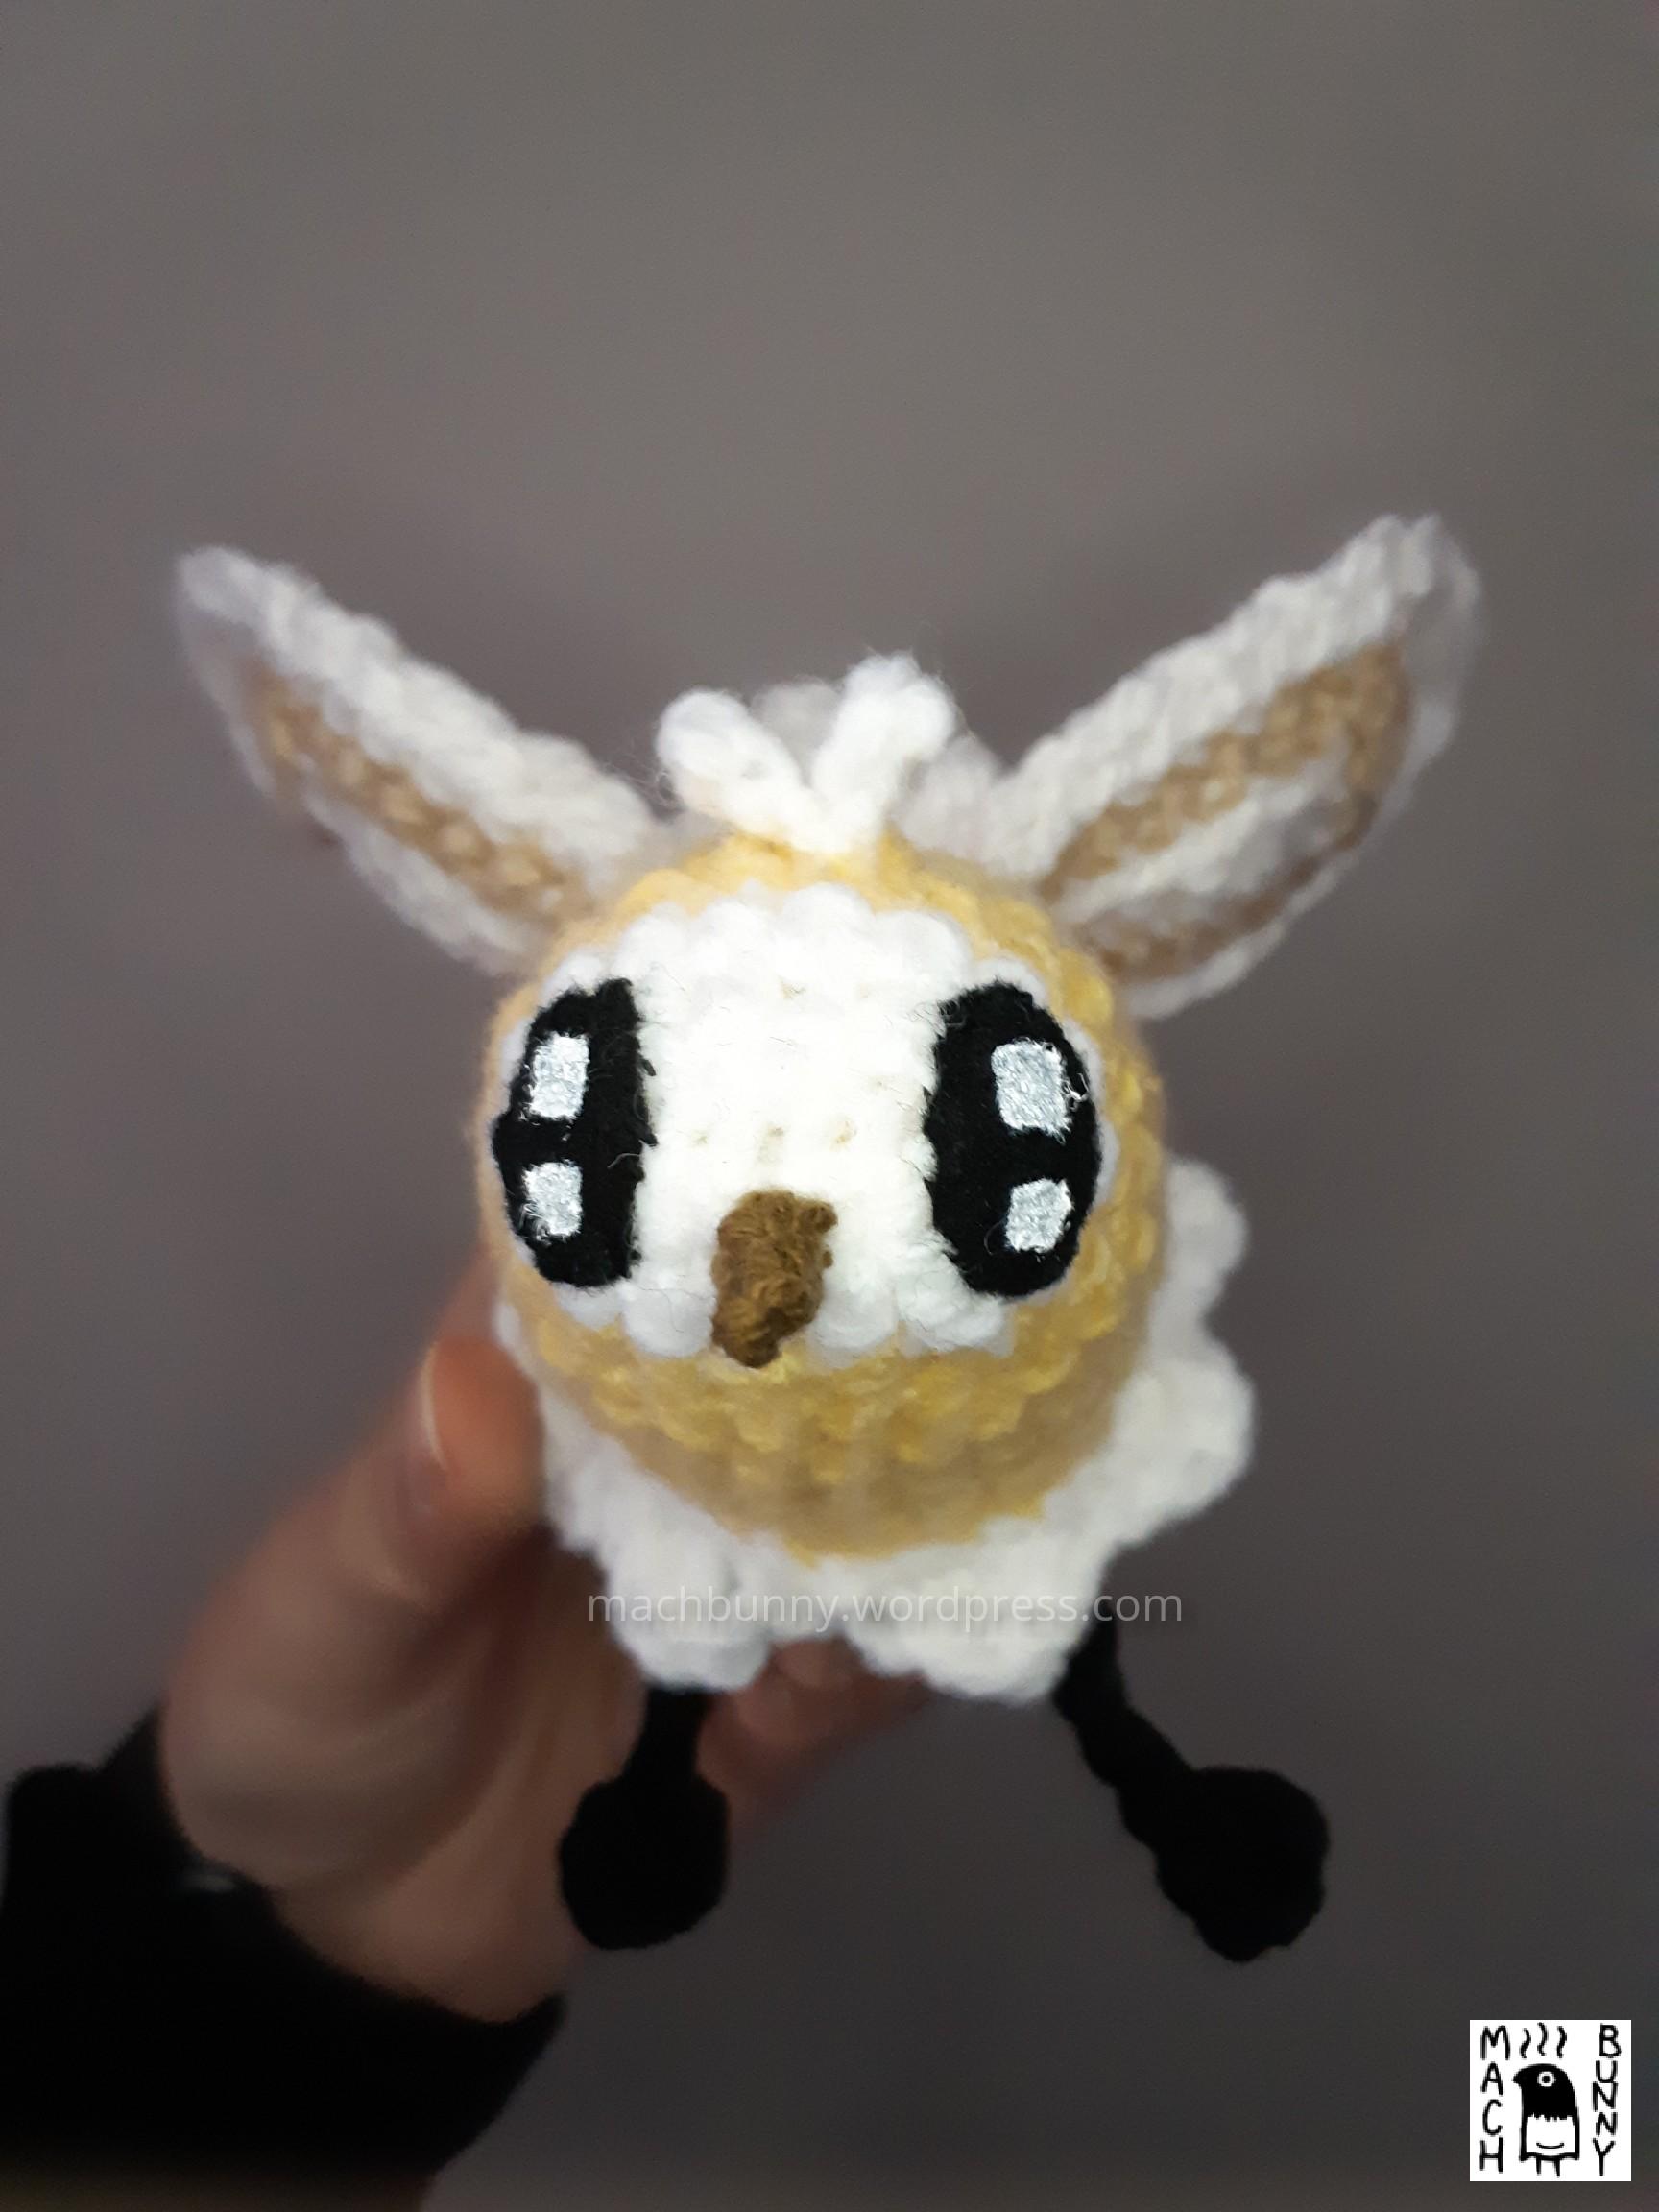 Cutiefly amigurumi - yellow cutiefly amigurumi crocheted with acrylic yarn; front view from head-on